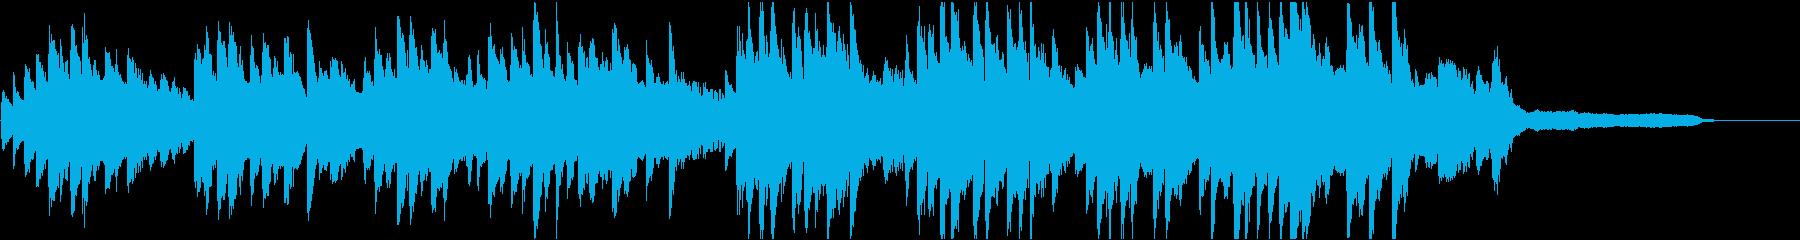 企業VP42 16bit48kHzVerの再生済みの波形